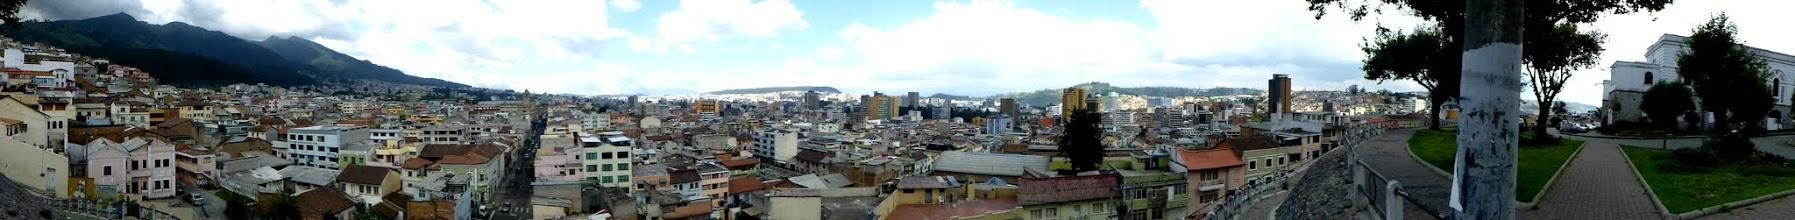 Photo: Quito Panorama, Centro de Arte Contemporáneo